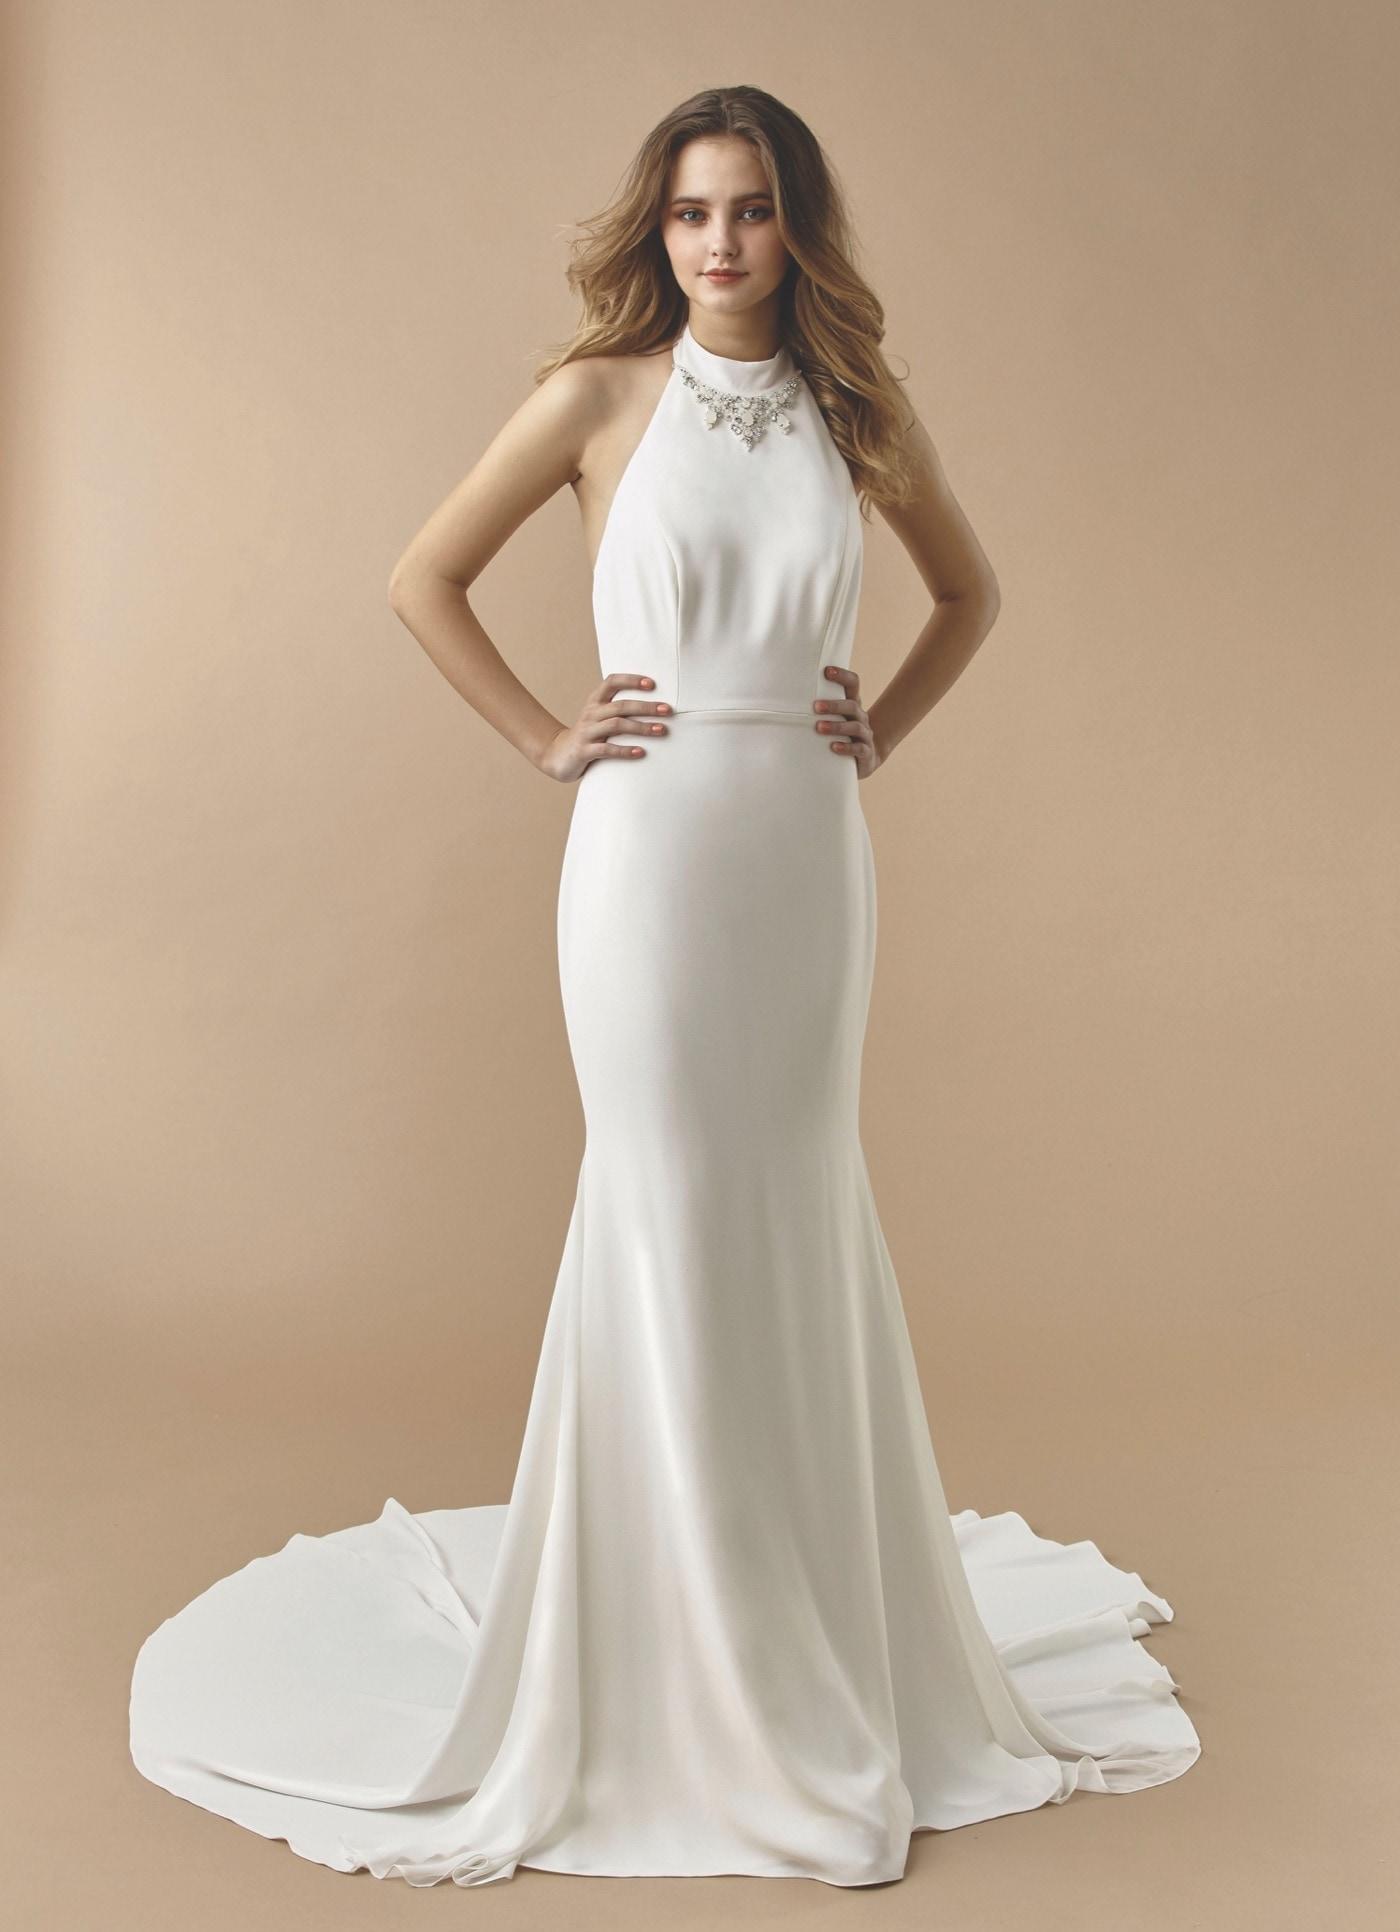 Brautkleid mit Neckholder-Ausschnitt von Beautiful Bridal